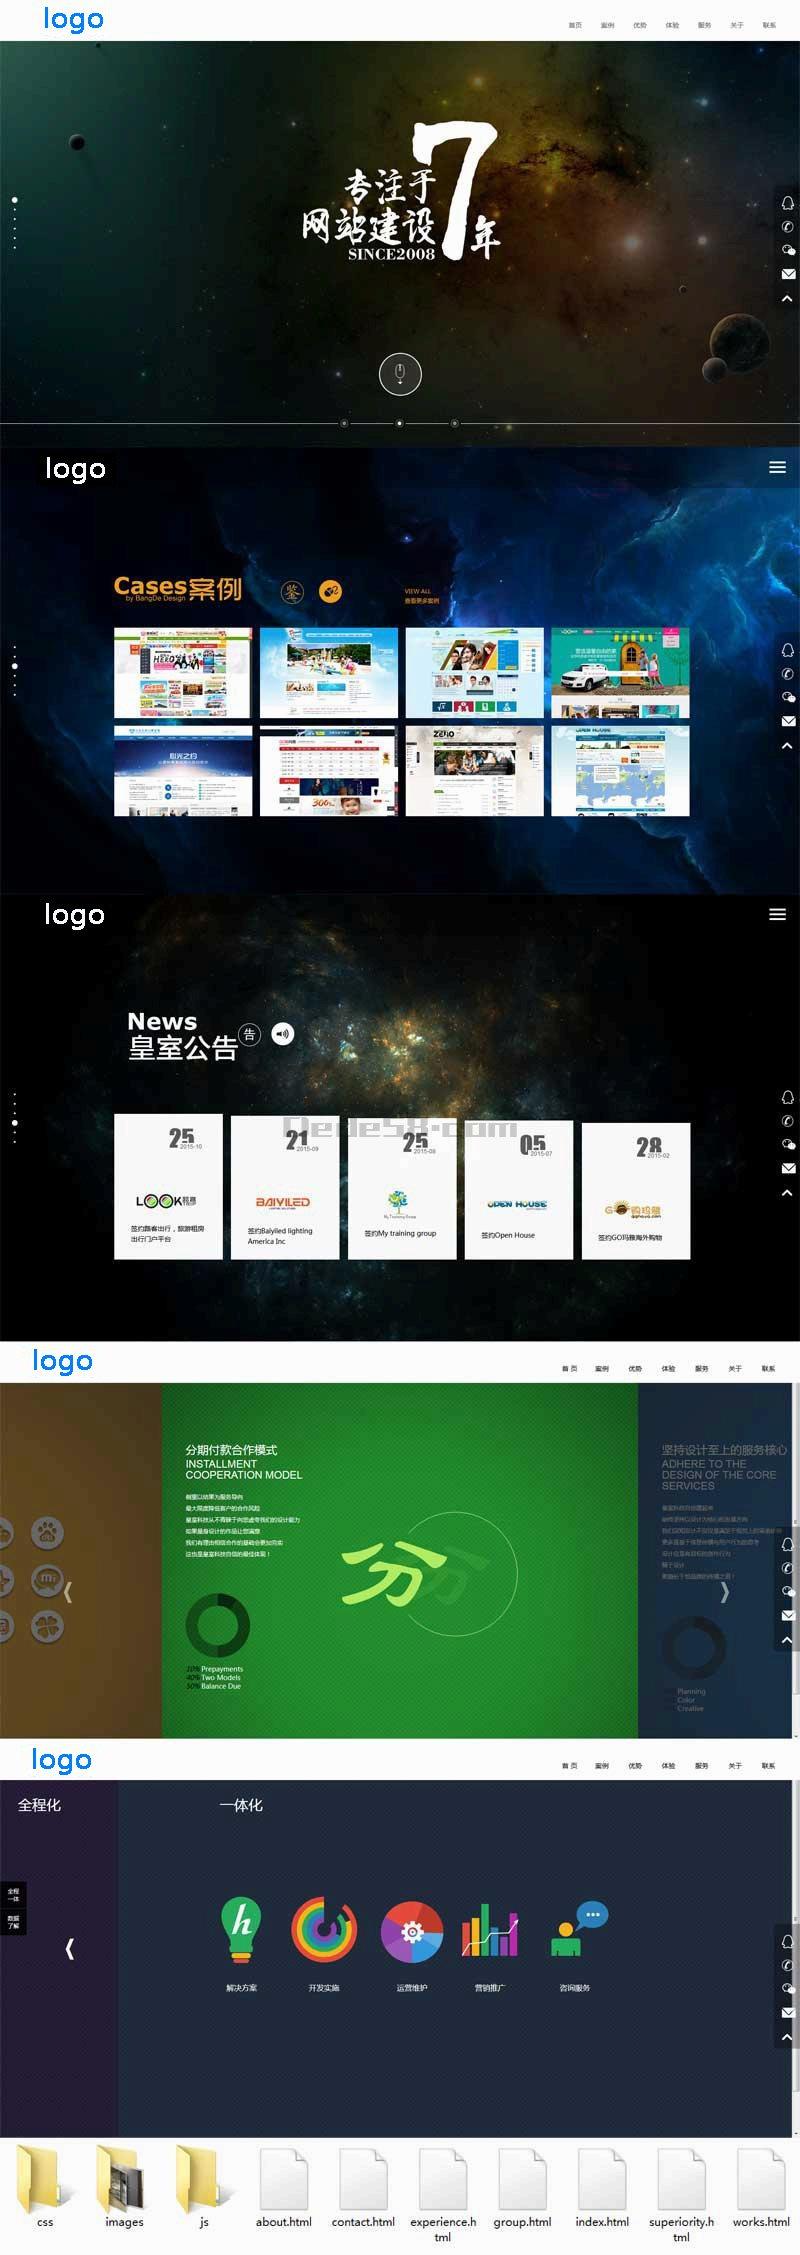 酷炫的建站网络科技企业页面全站模板